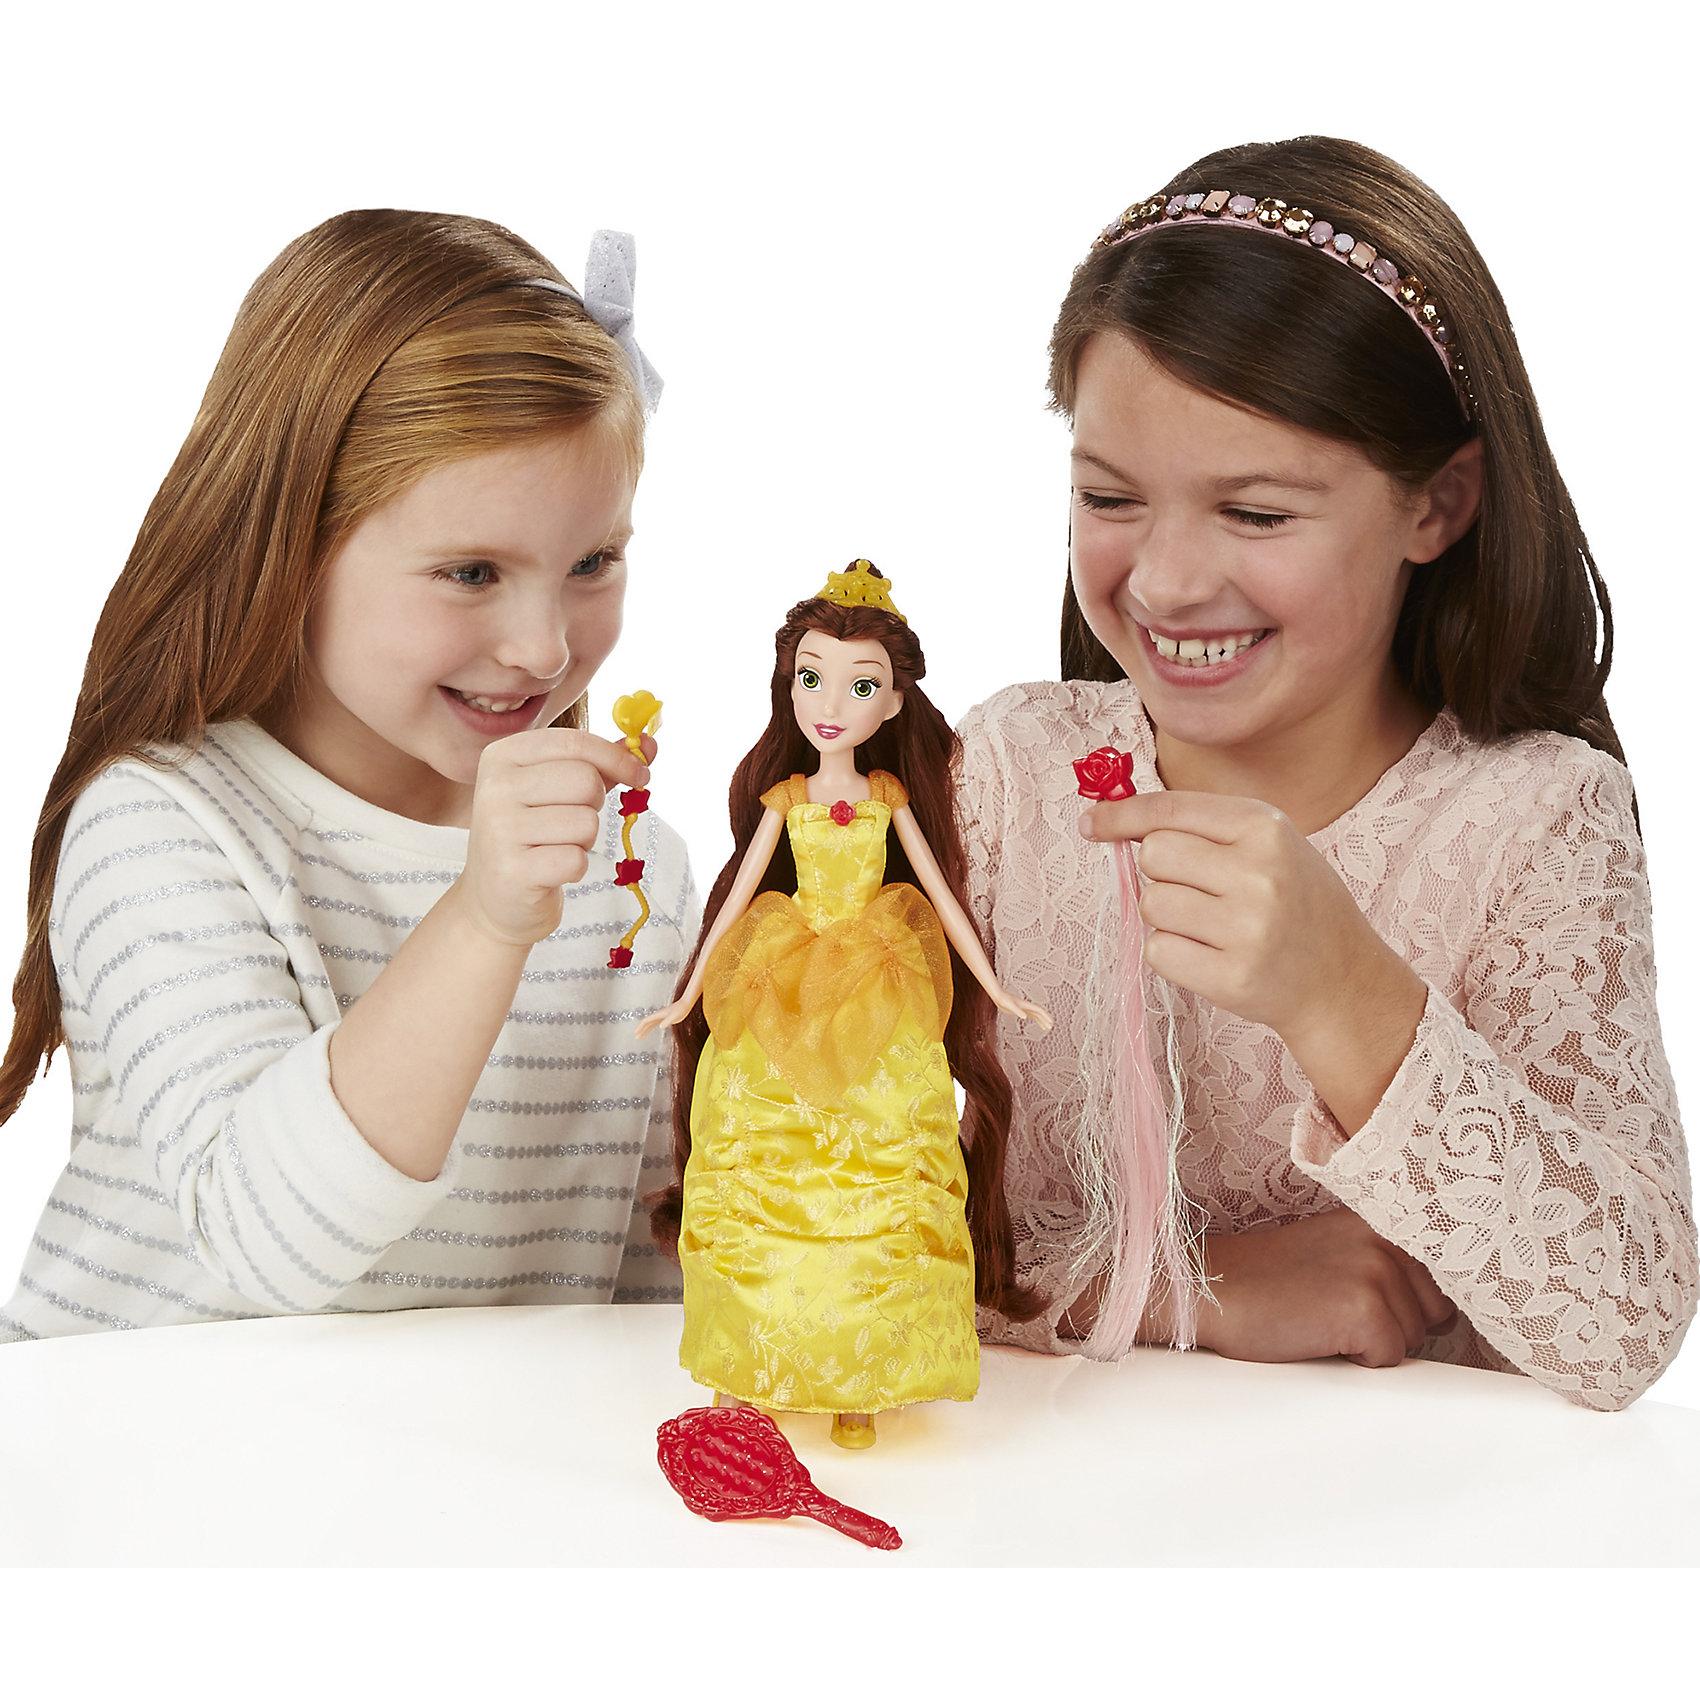 Hasbro Базовая кукла Принцесса Белль в с длинными волосами, c аксессуарами, B5292/B5293 hasbro кукла рапунцель принцессы дисней